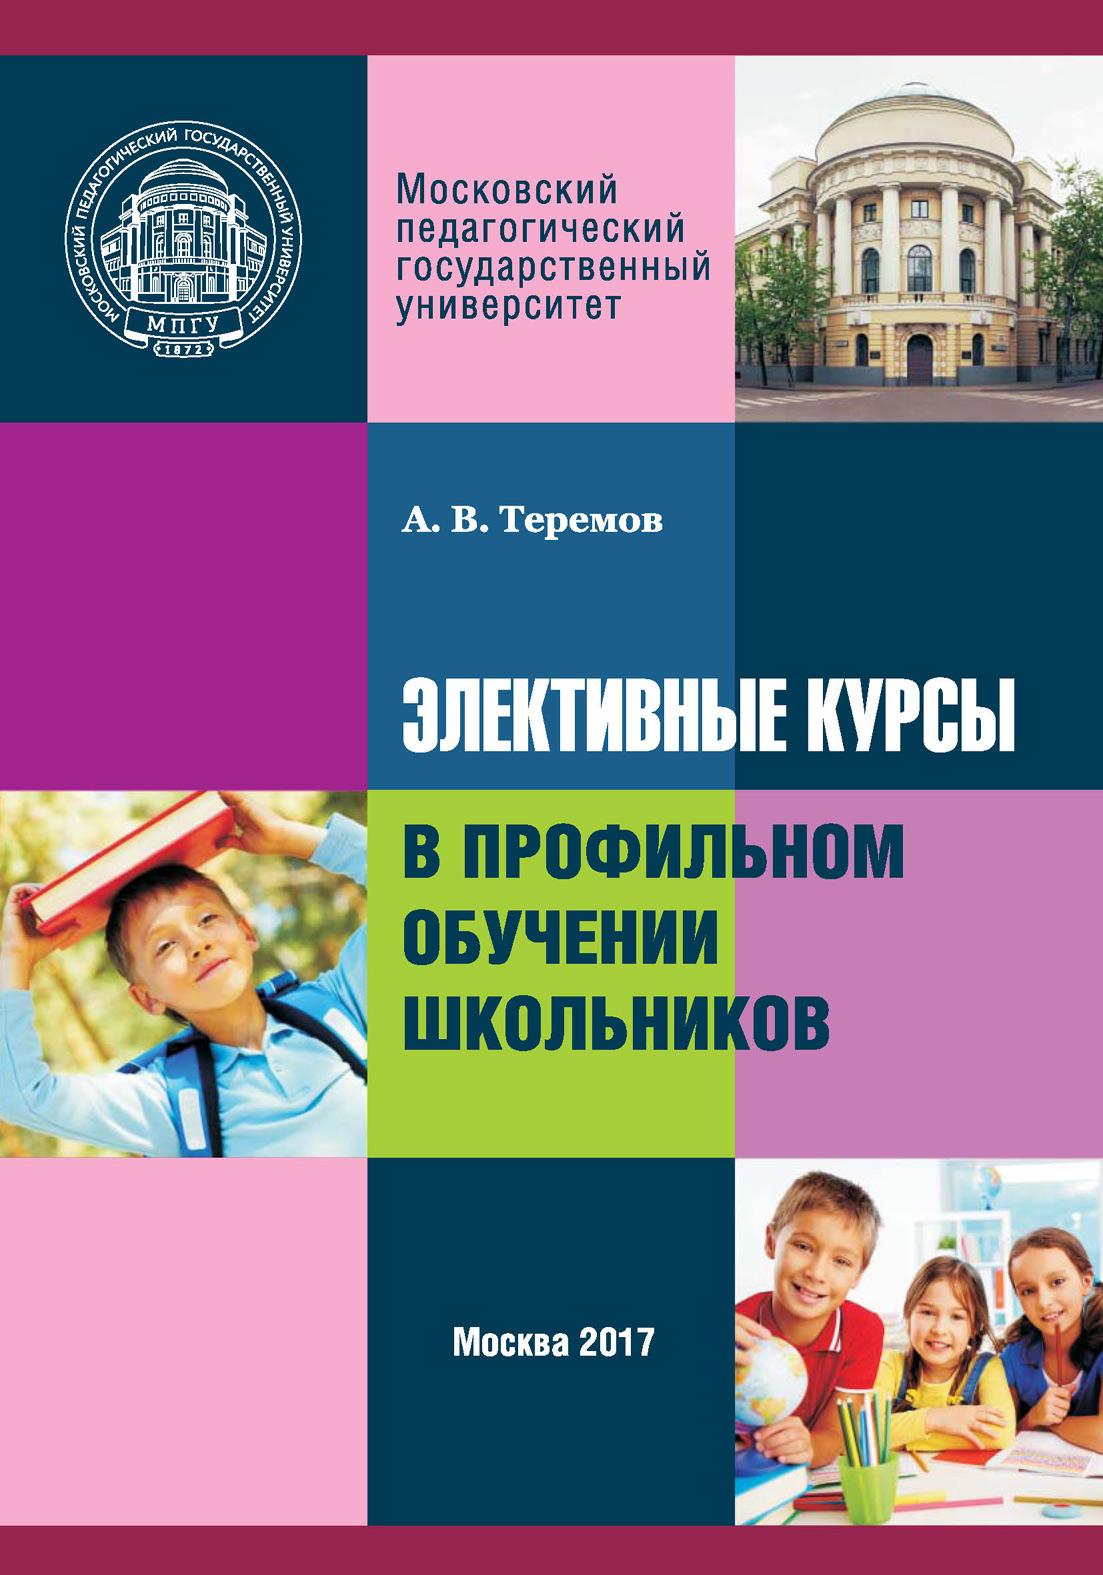 А. В. Теремов Элективные курсы в профильном обучении школьников